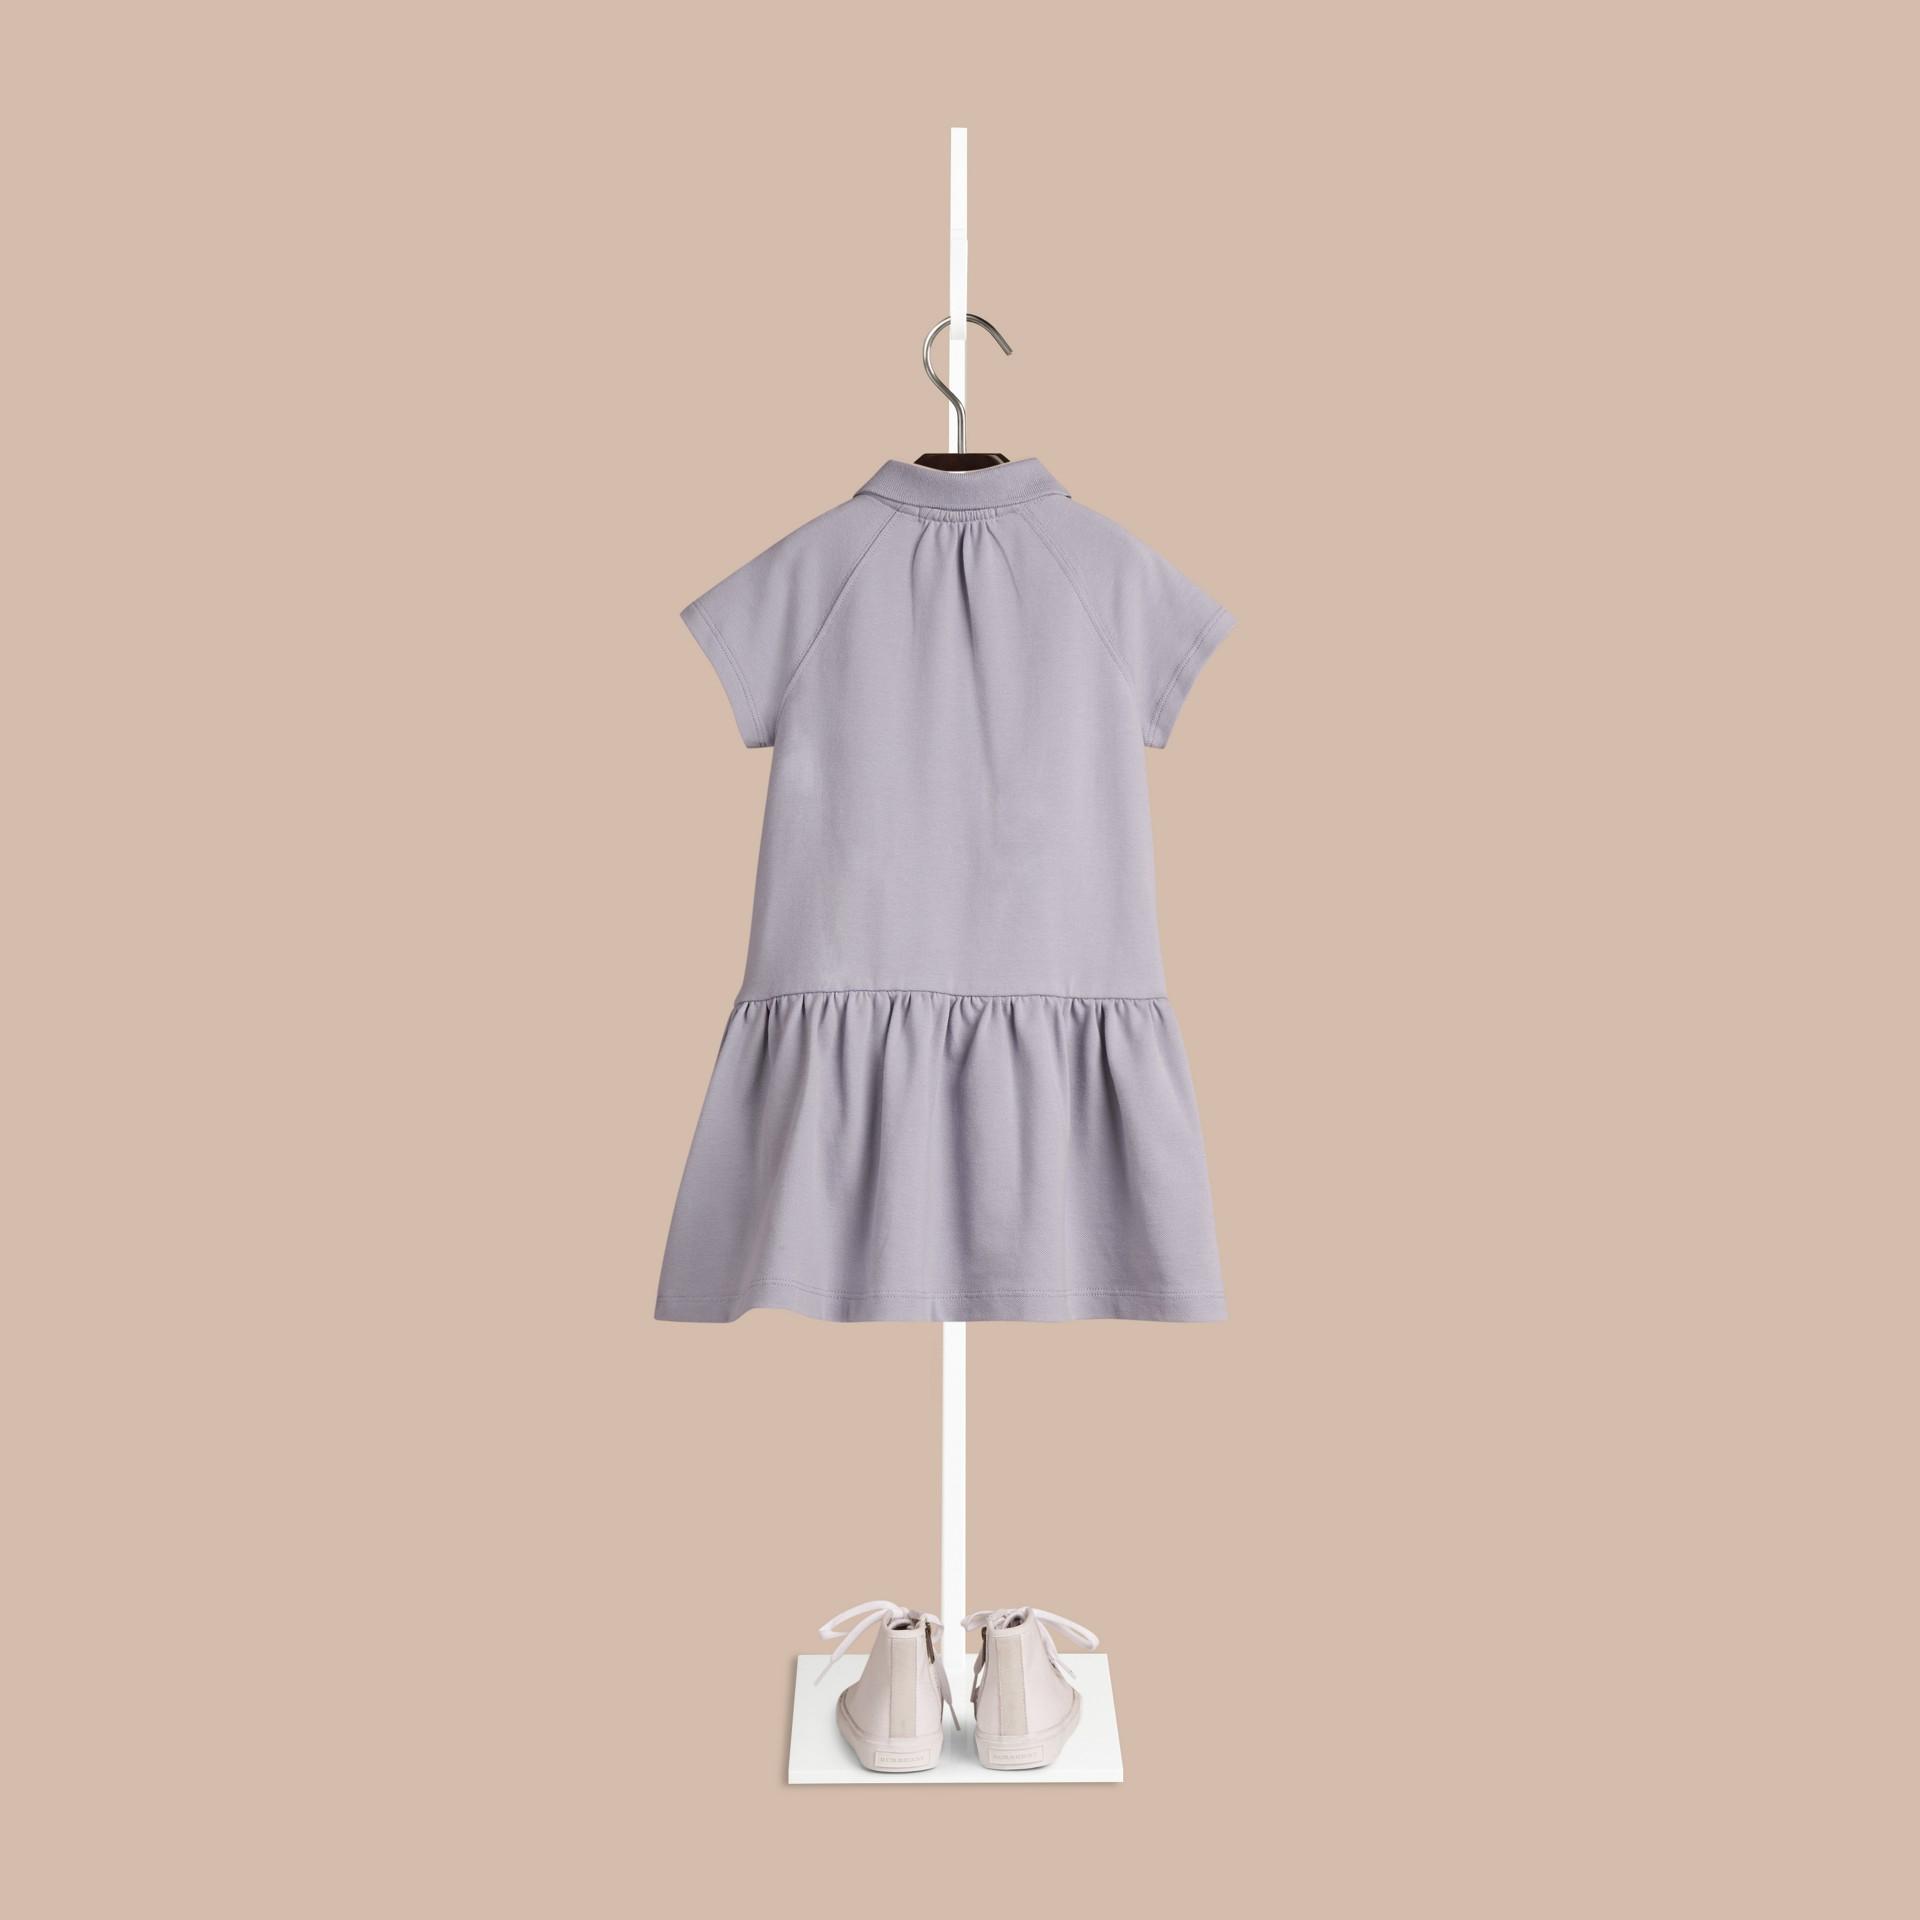 Бледно-синий люпин Платье-футболка с отделкой в клетку Бледно-синий Люпин - изображение 2